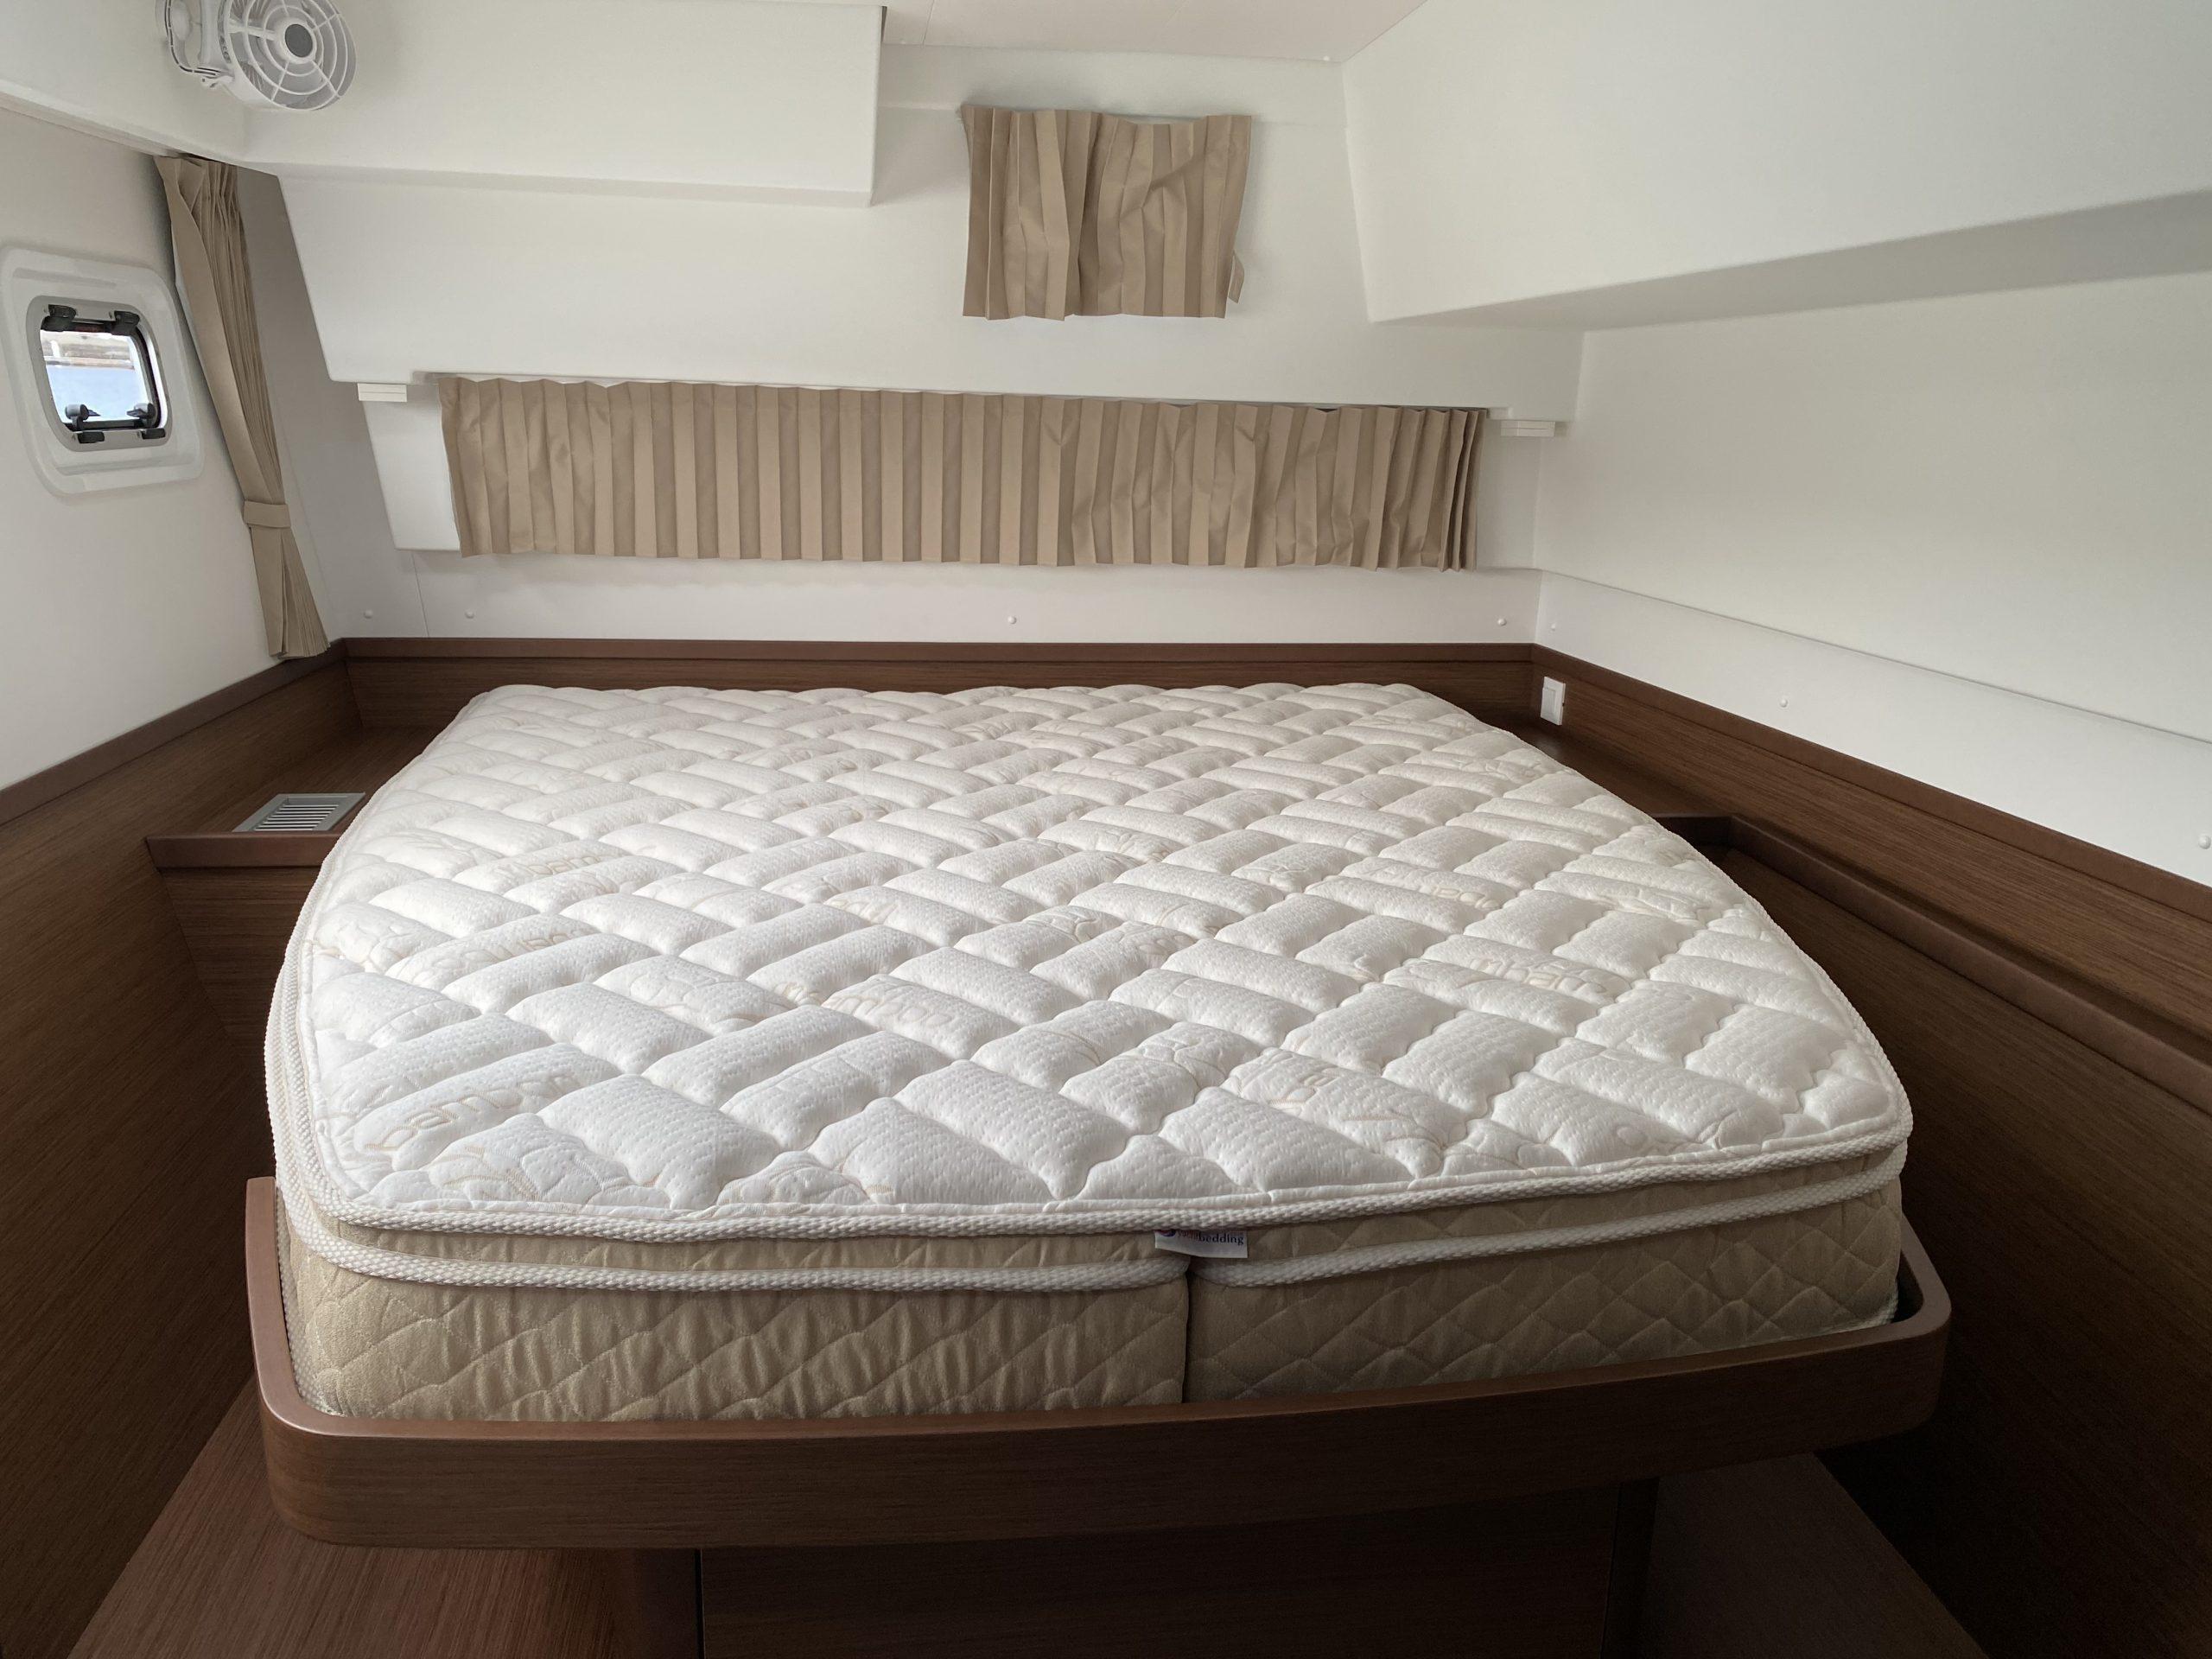 Lagoon yacht mattress